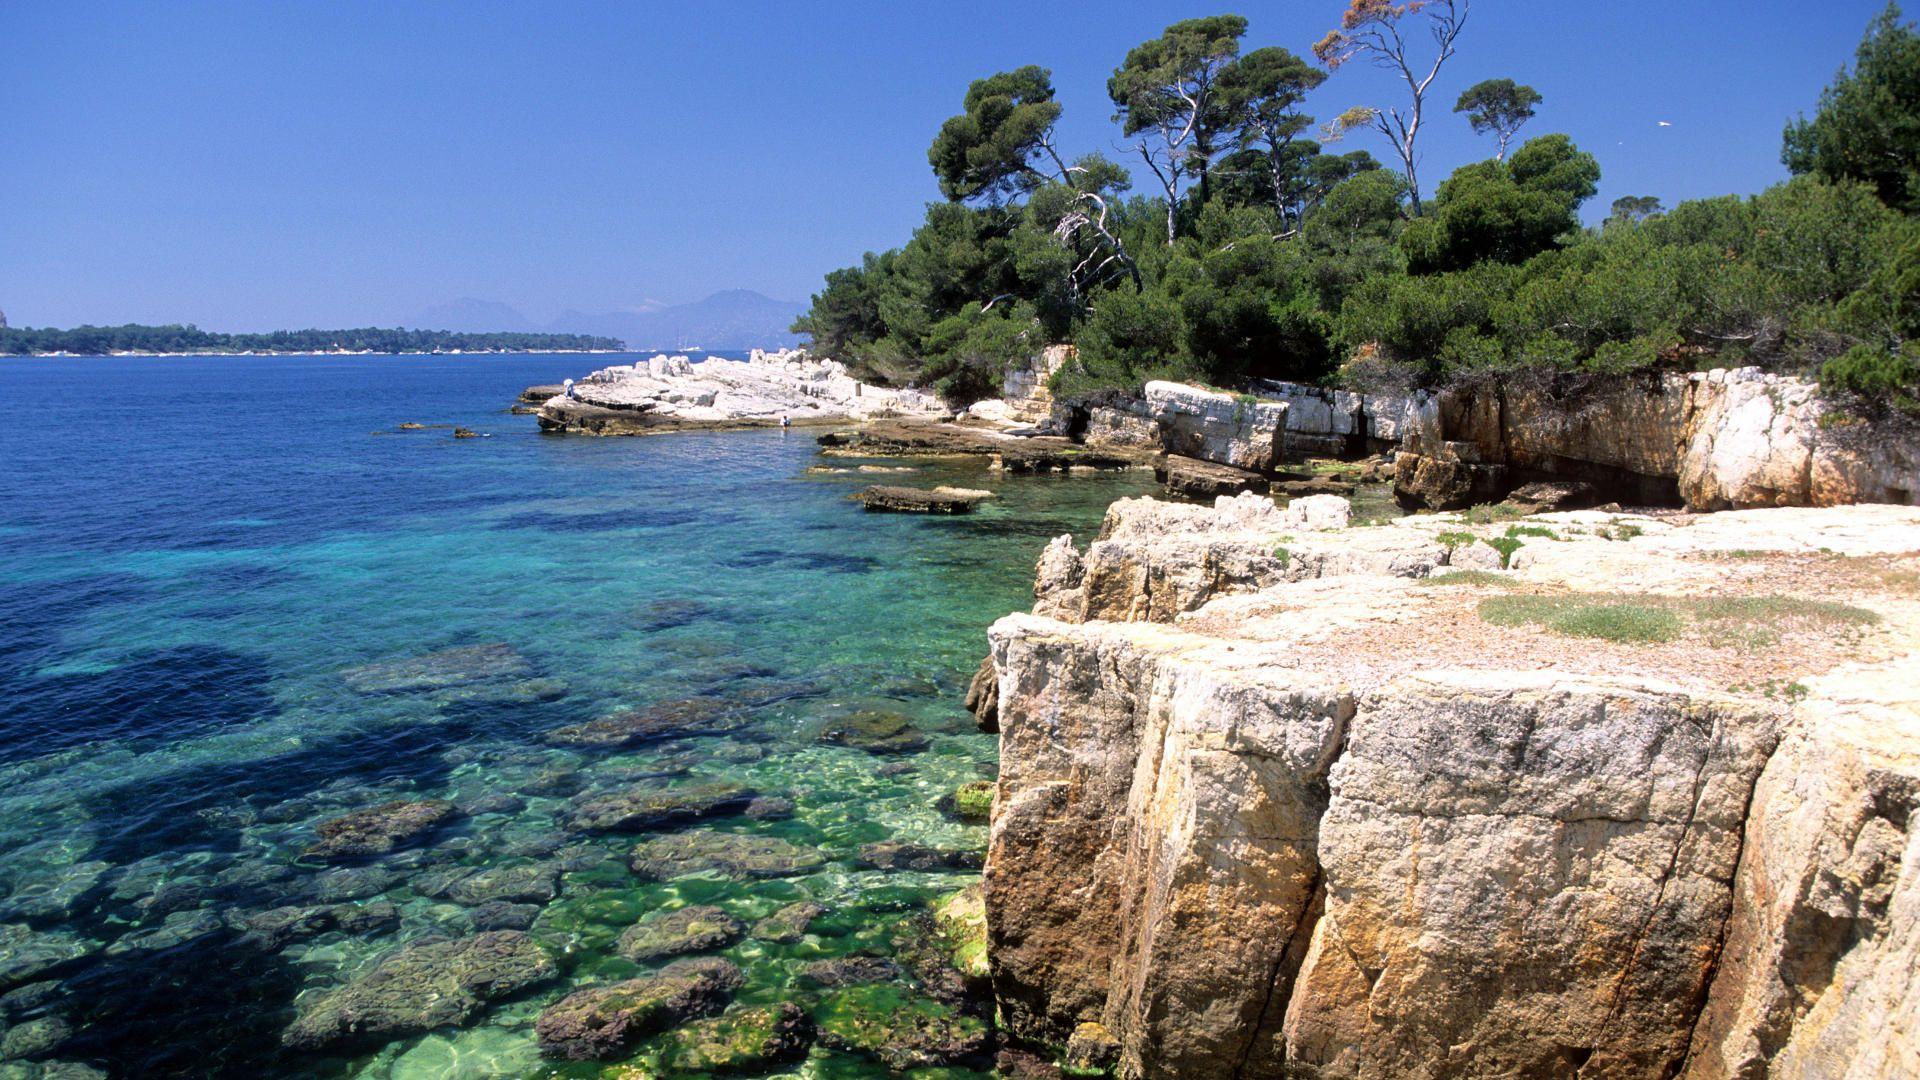 50% prijs goede verkoop beste kwaliteit Cap d'Antibes, Alpes-Maritimes | Paysages | Iles de lerins ...